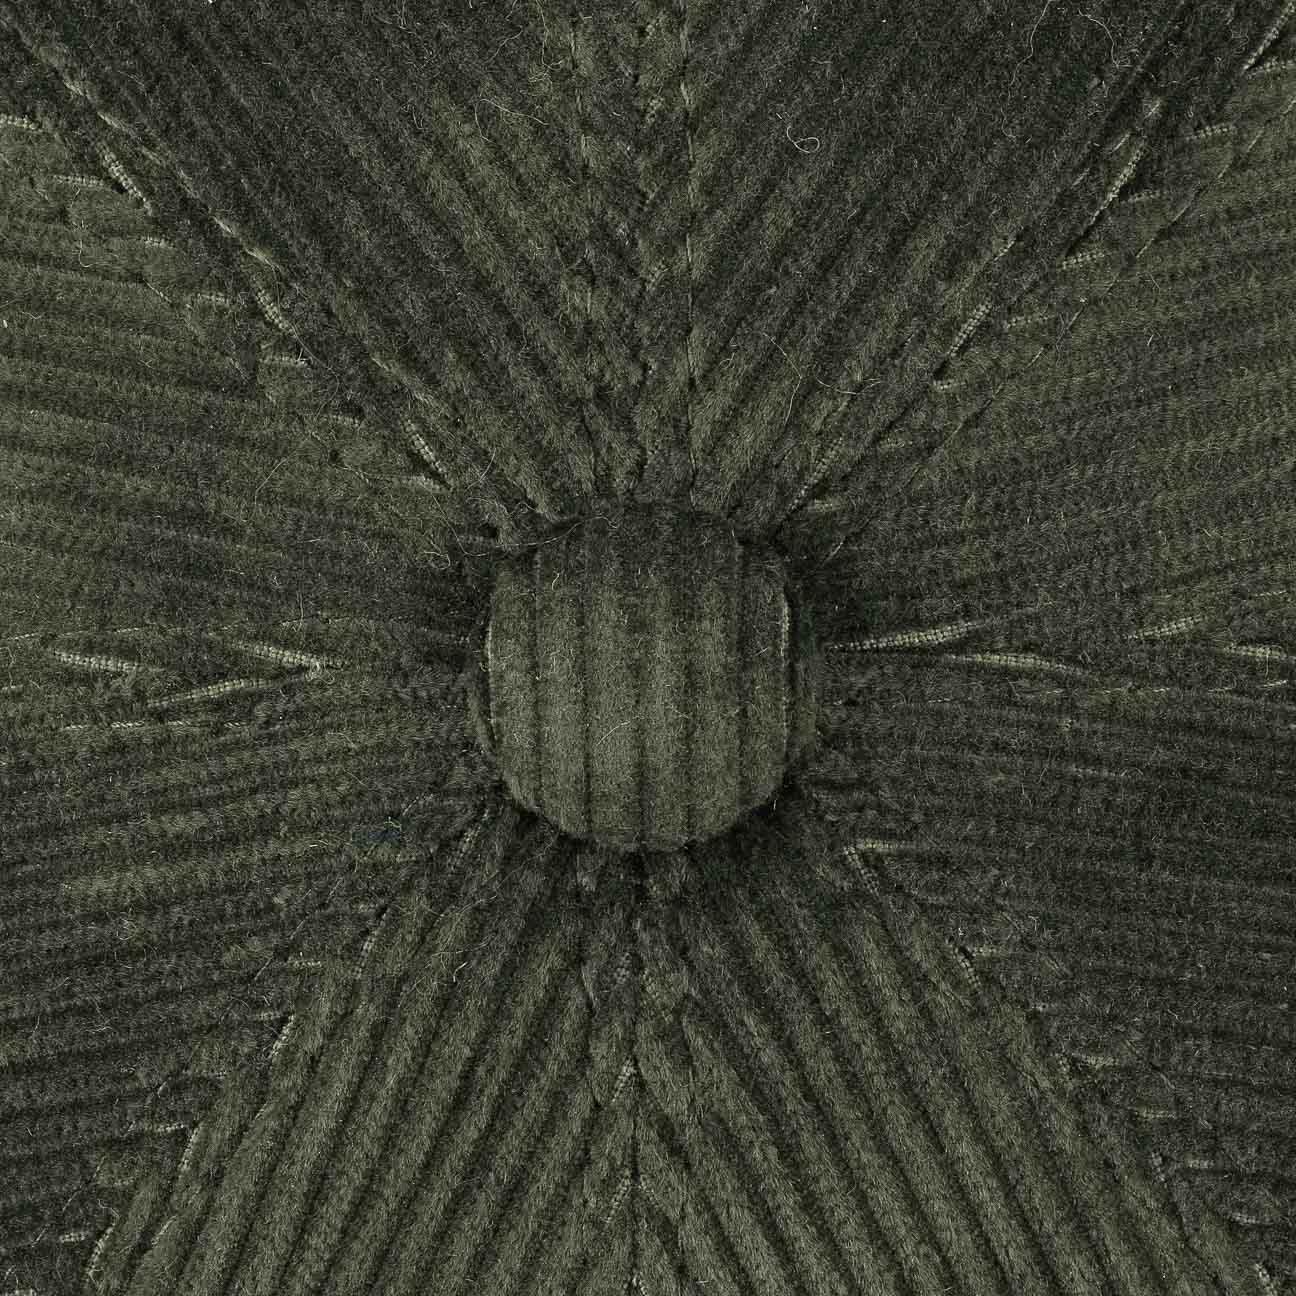 in Cotone Made in Italy Lipodo 8 Panel Cord Coppola da Uomo Berretto Invernale Imbottito Autunno//Inverno con Visiera Monocromatico Stile Regular Fit |